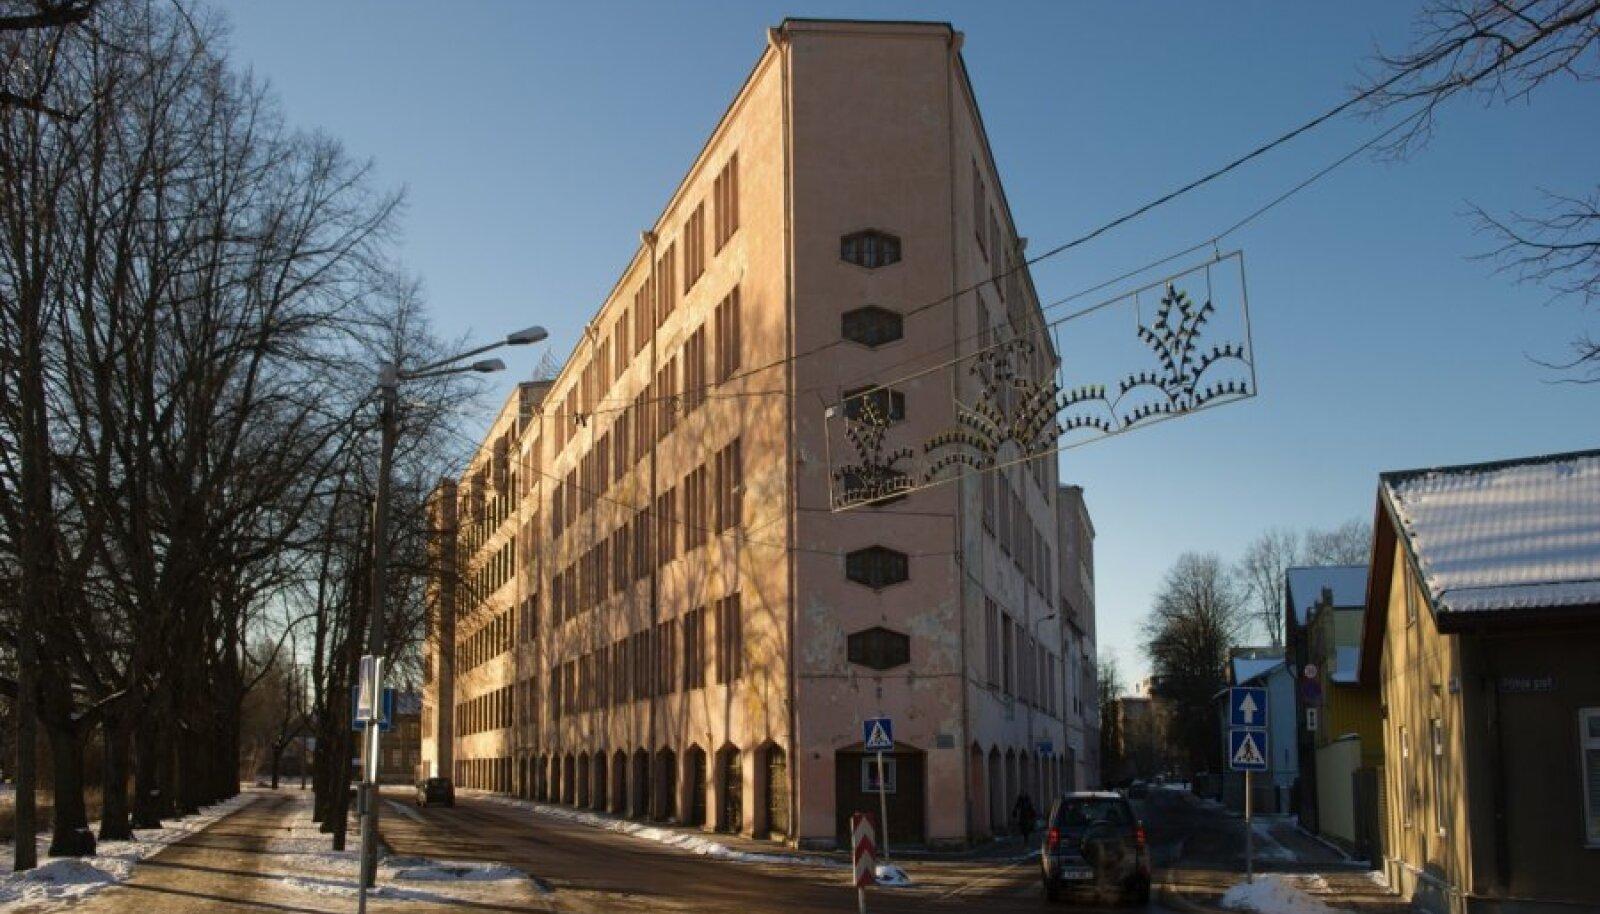 EKA uuel krundil asuv SUVA AS hoone, millega osaliselt integreeritult ehitatakse kokku ka EKA uus õppehoone